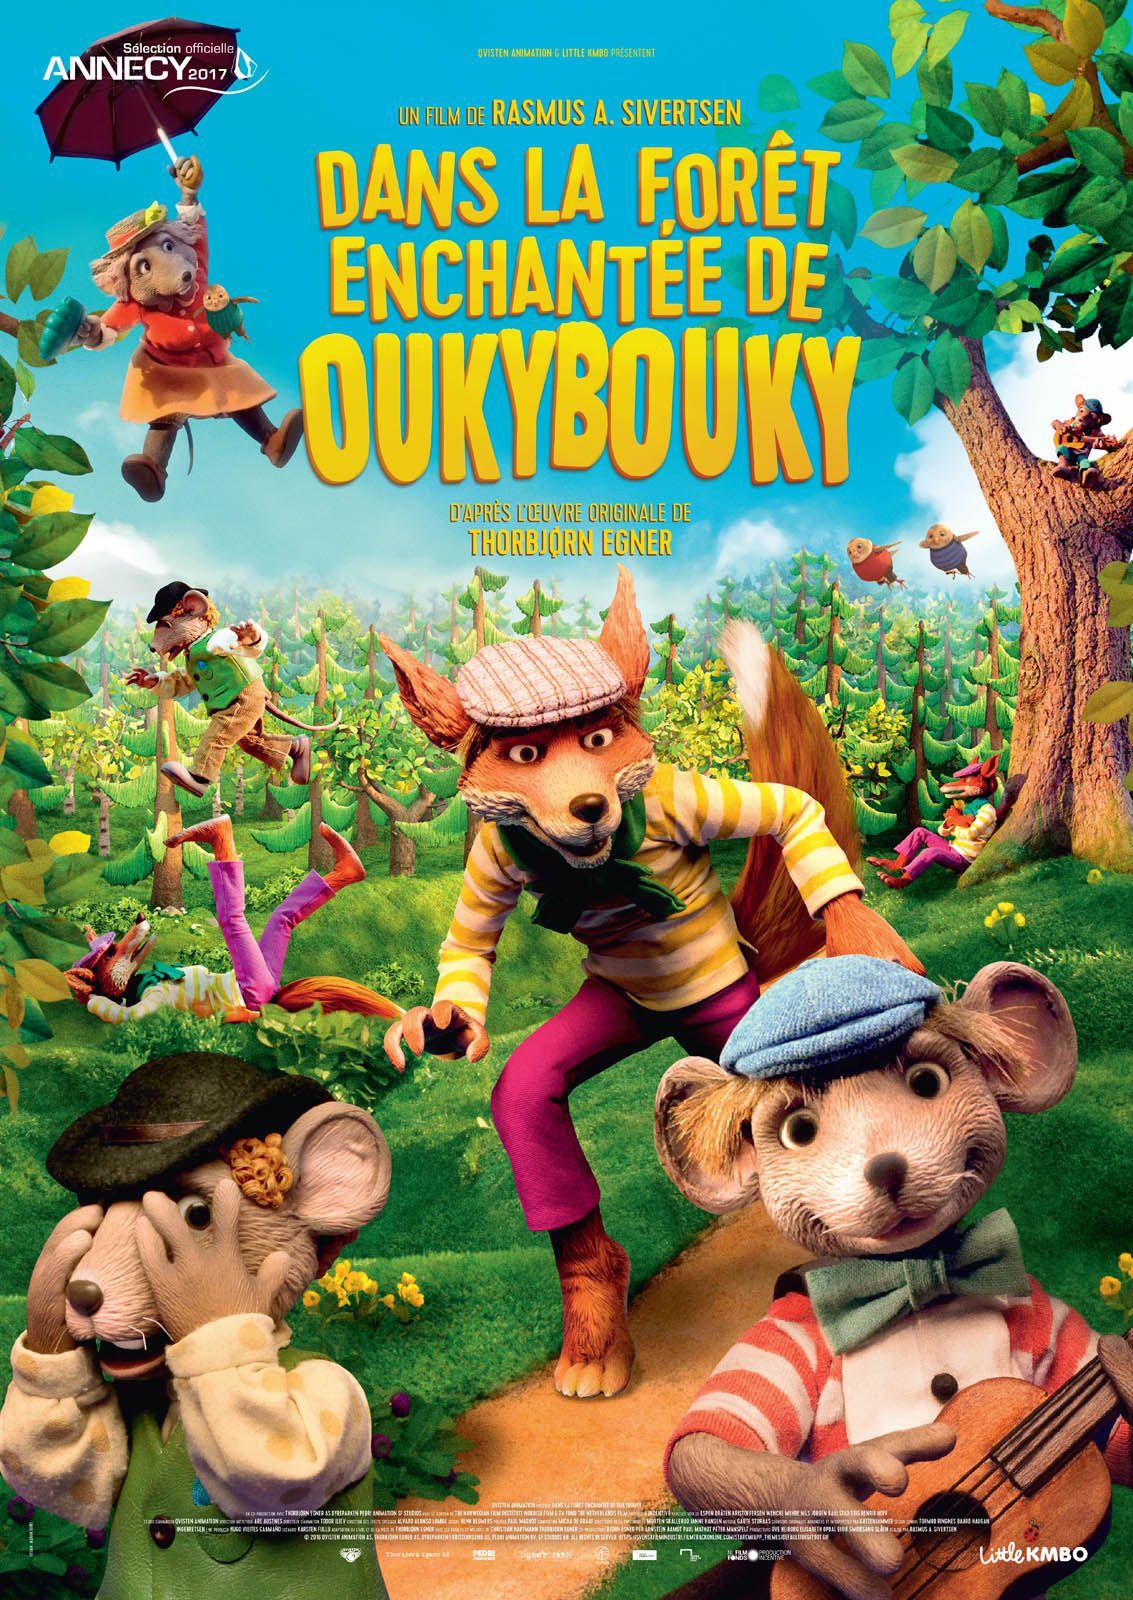 Dans la forêt enchantée de Oukybouky - Long-métrage d'animation (2017)